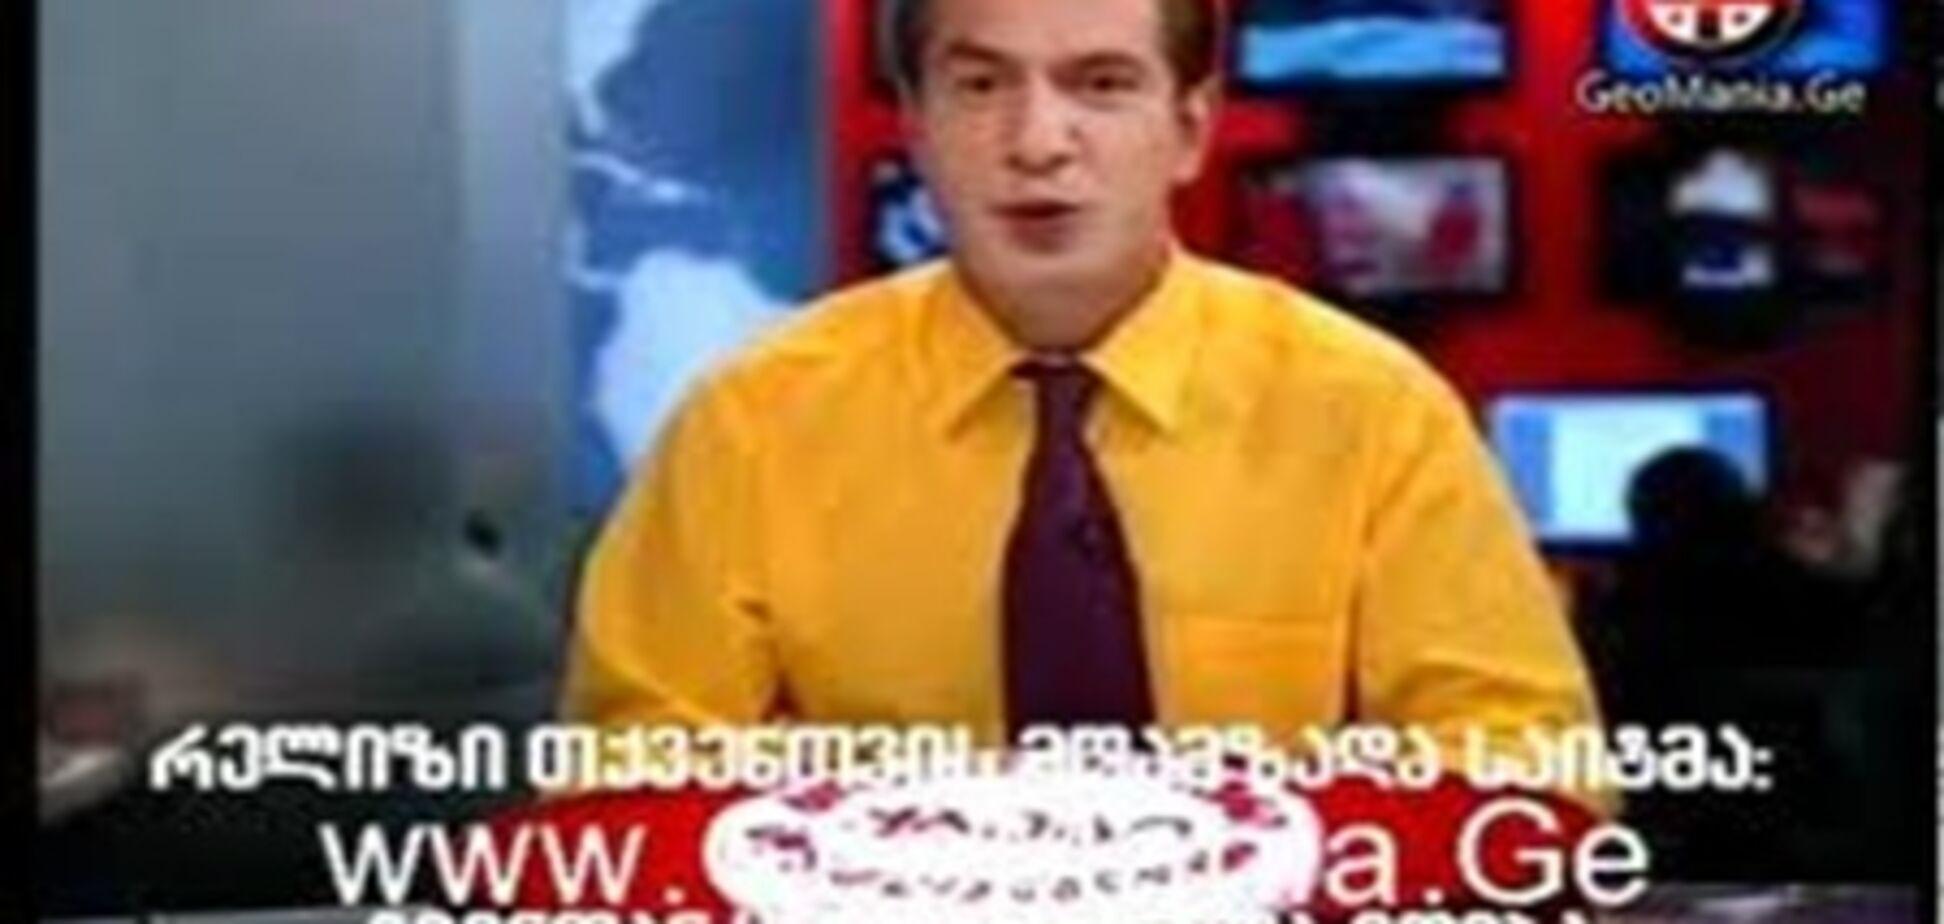 LIVE. Я твою маму е** Володя Путин. Грузинское ТВ. Новости. ВИДЕО